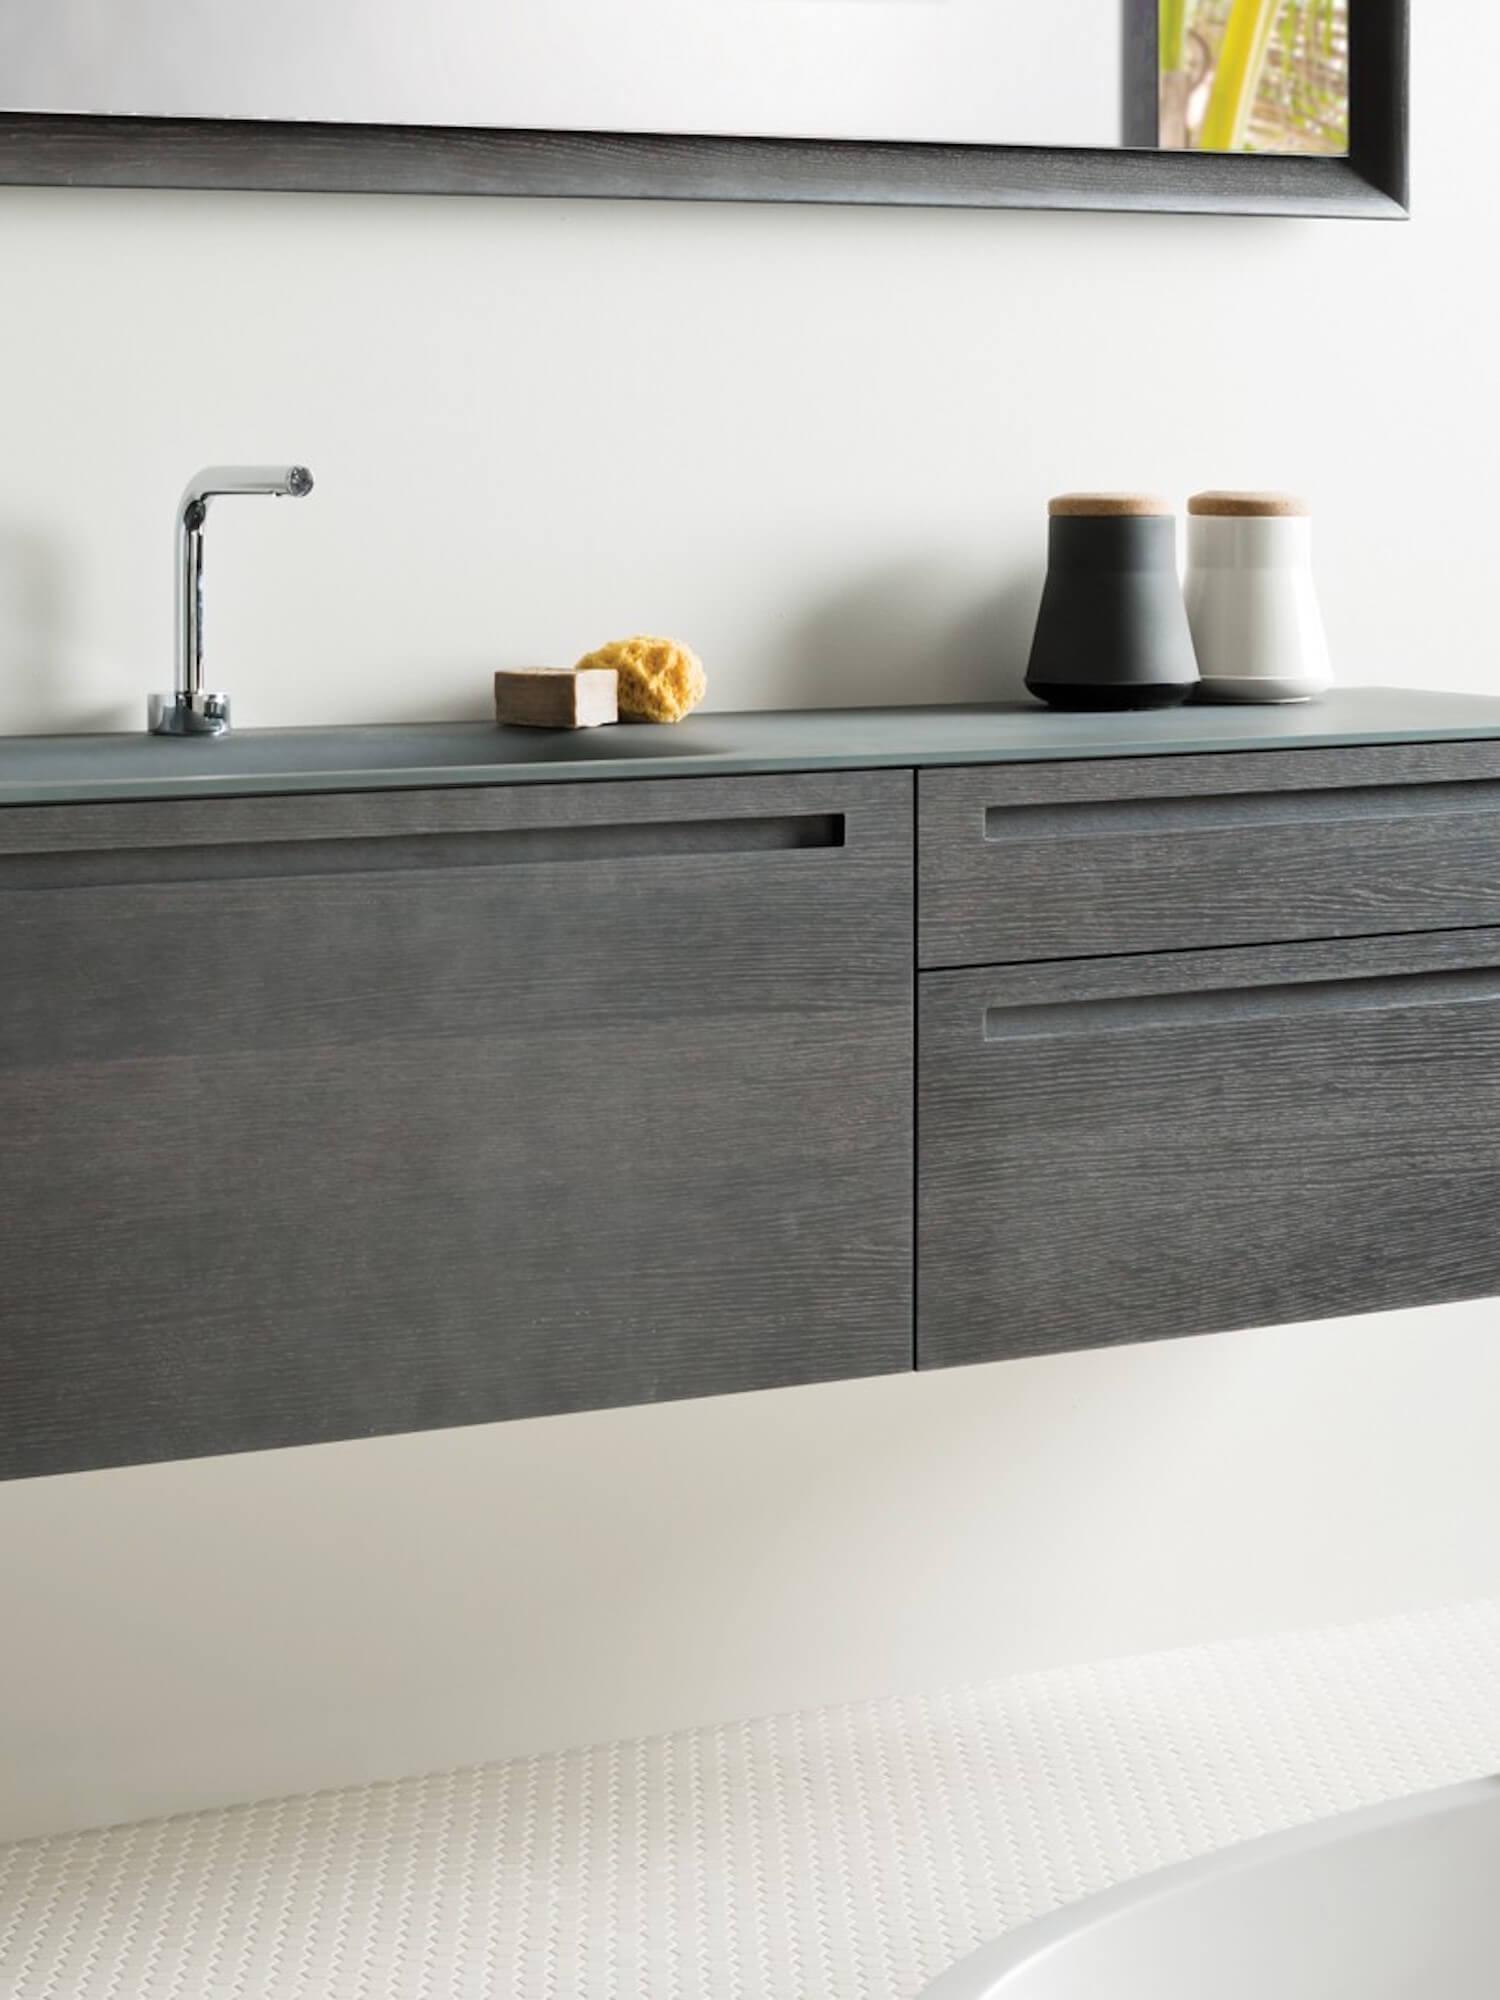 est living falper via veneto vetro integrated cabinets and basins via veneto vetro 7